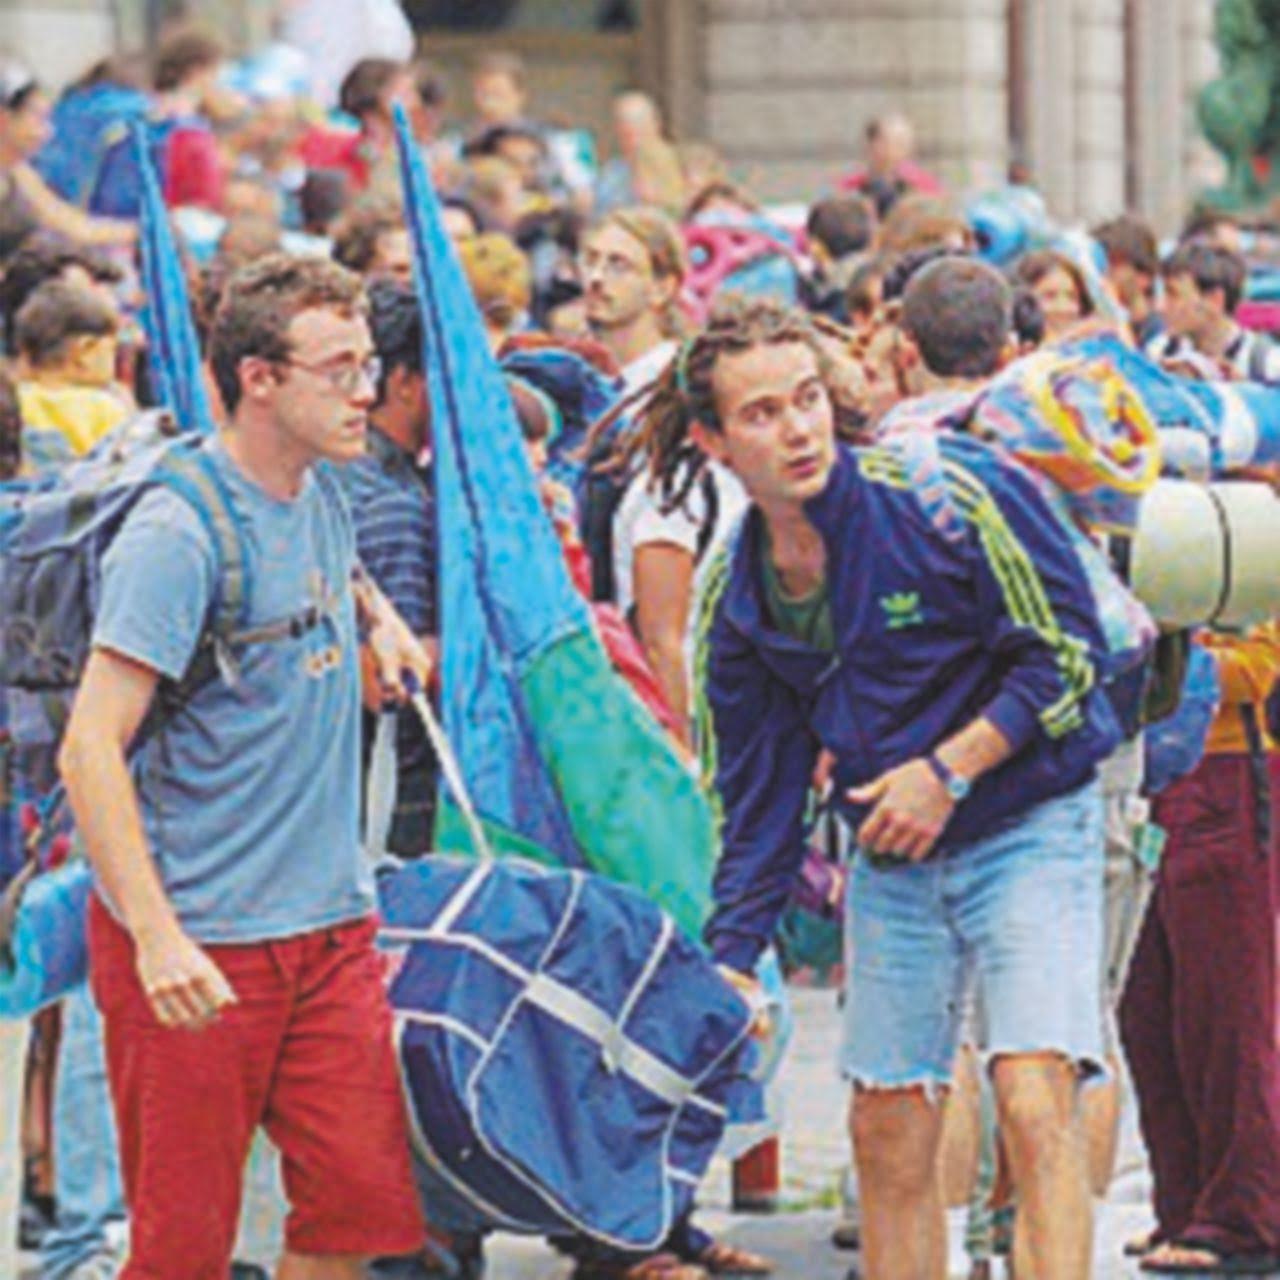 """G8 di Genova, un'intera gioventù buttata nel mare di Enrico Fierro Se a qualcuno venisse in mente di dedicare una lapide ai giorni del G8 di Genova, dovrebbe scrivere poche, chiarissime parole: """"Qui morì la speranza di una generazione. Qui fu..."""